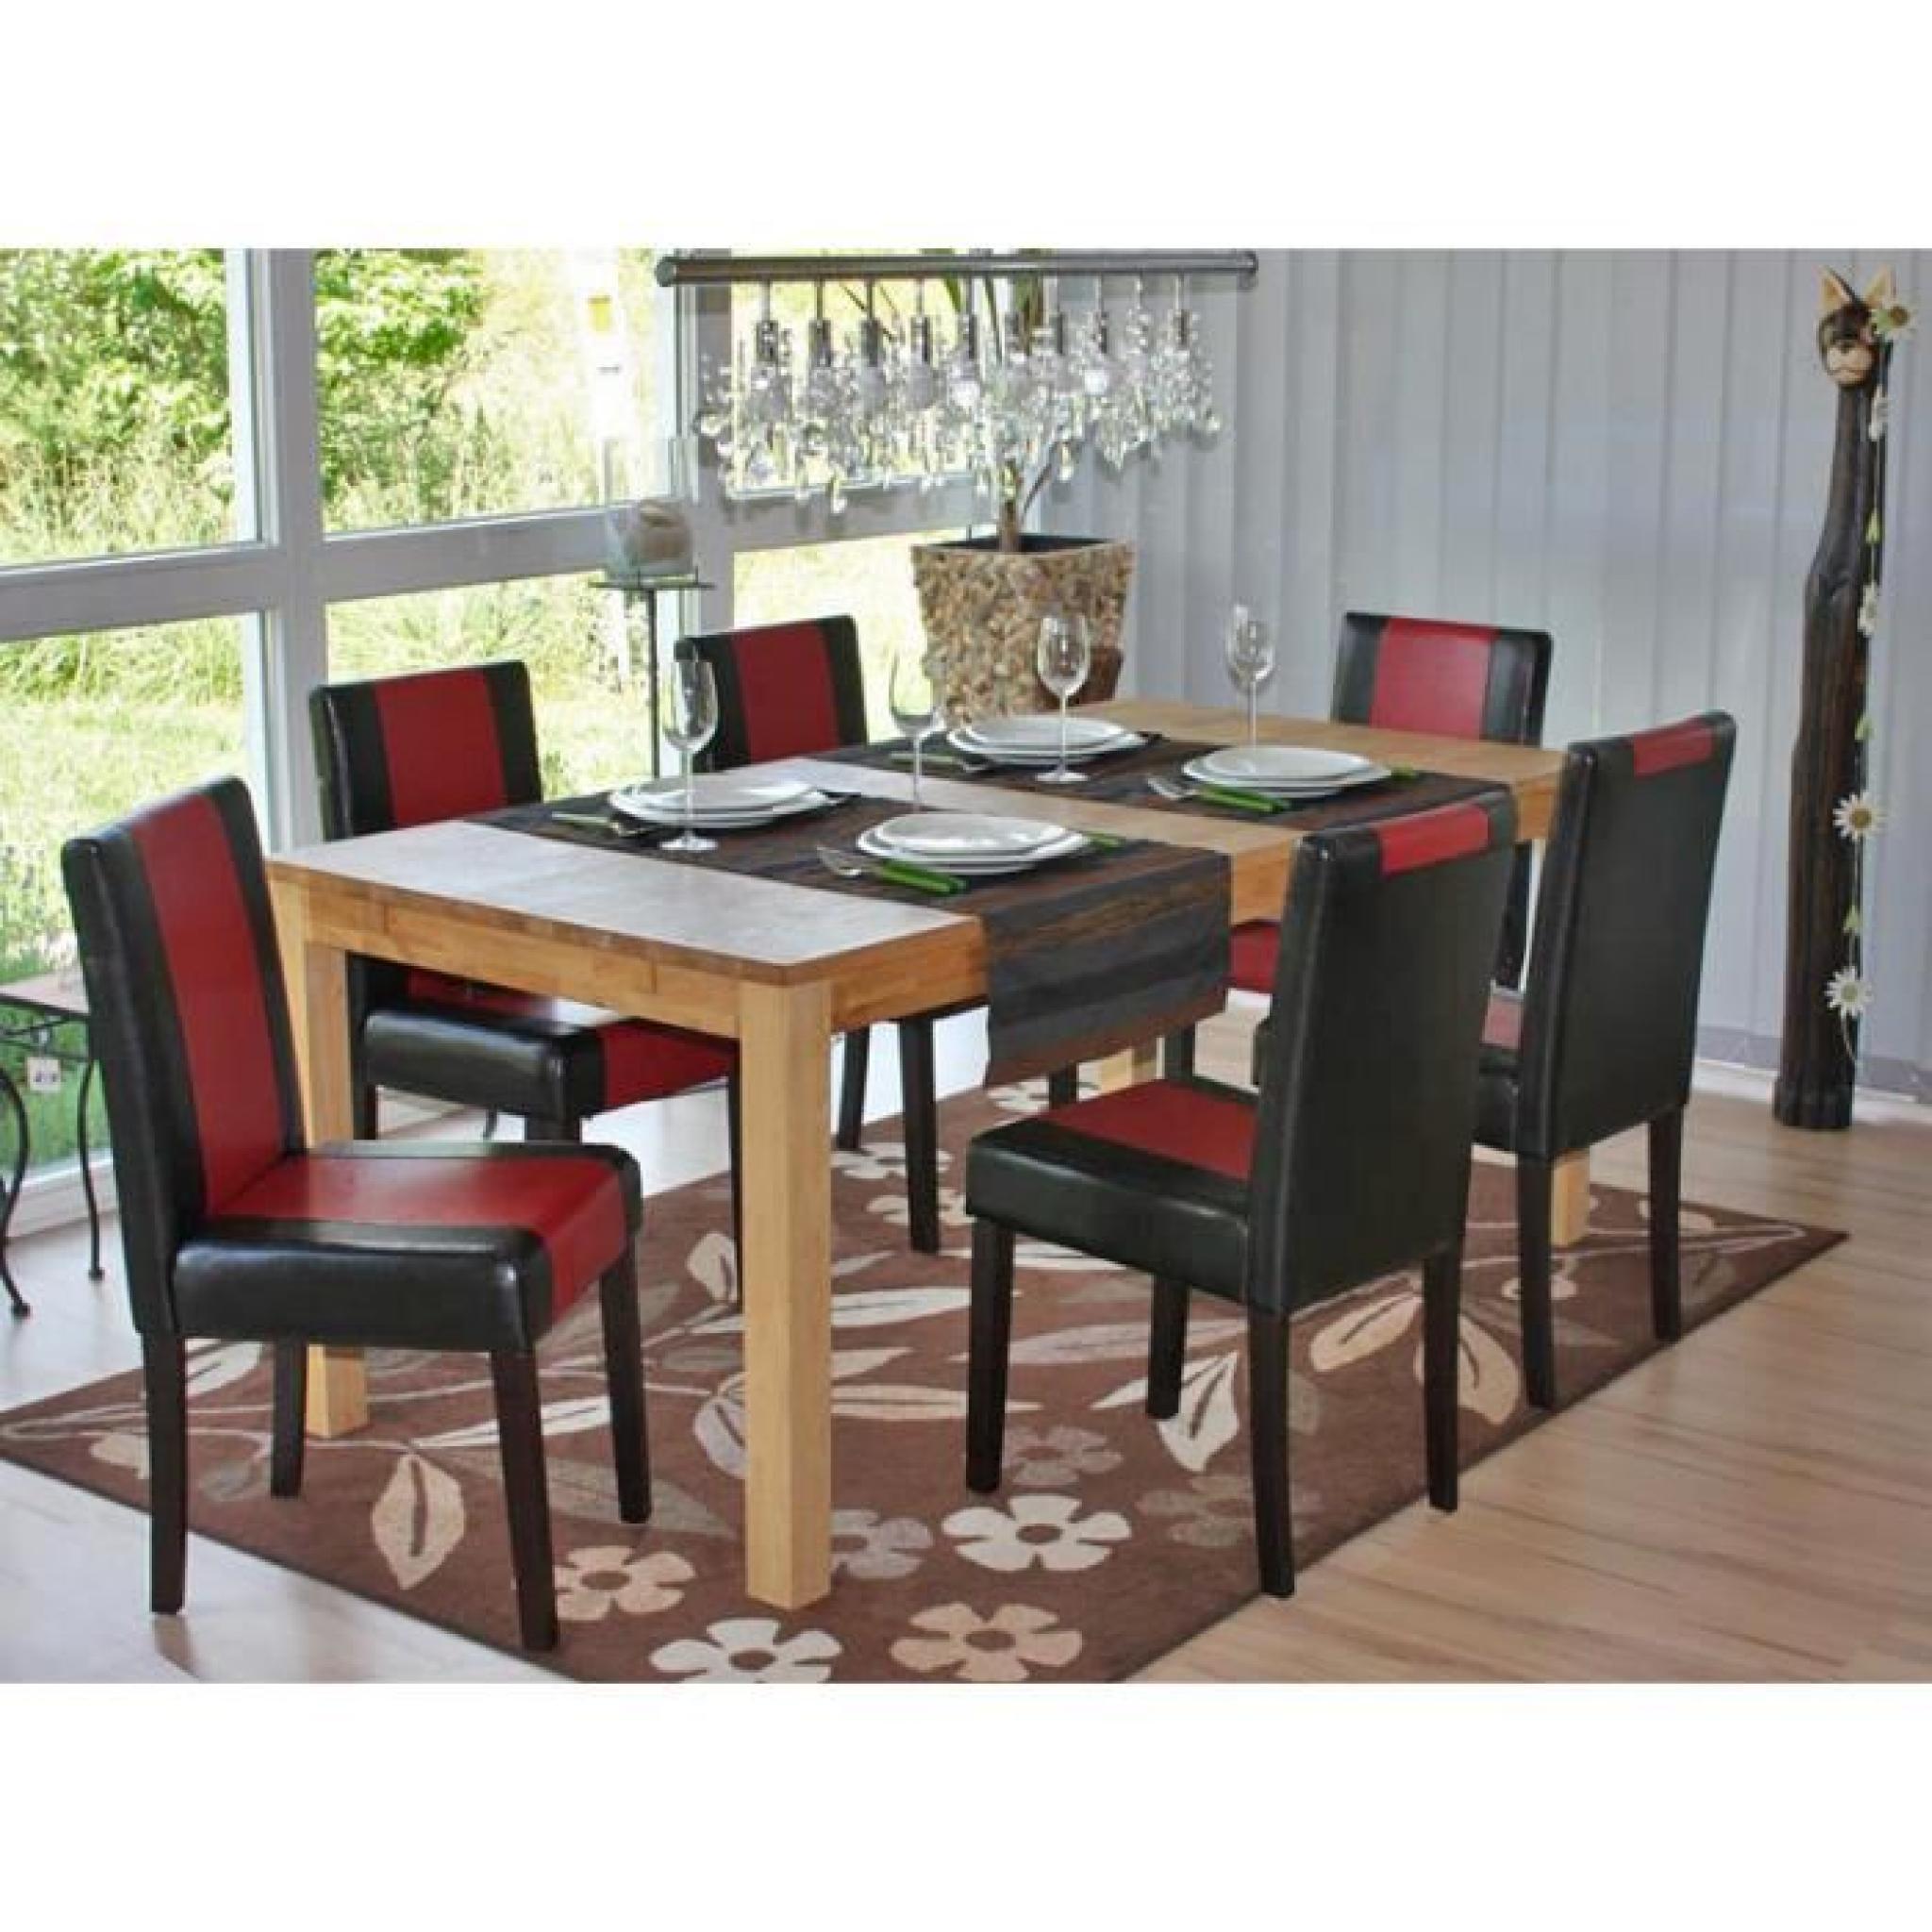 Lot de 4 chaises de séjour Littau, PU, noir-rouge, pieds foncés.